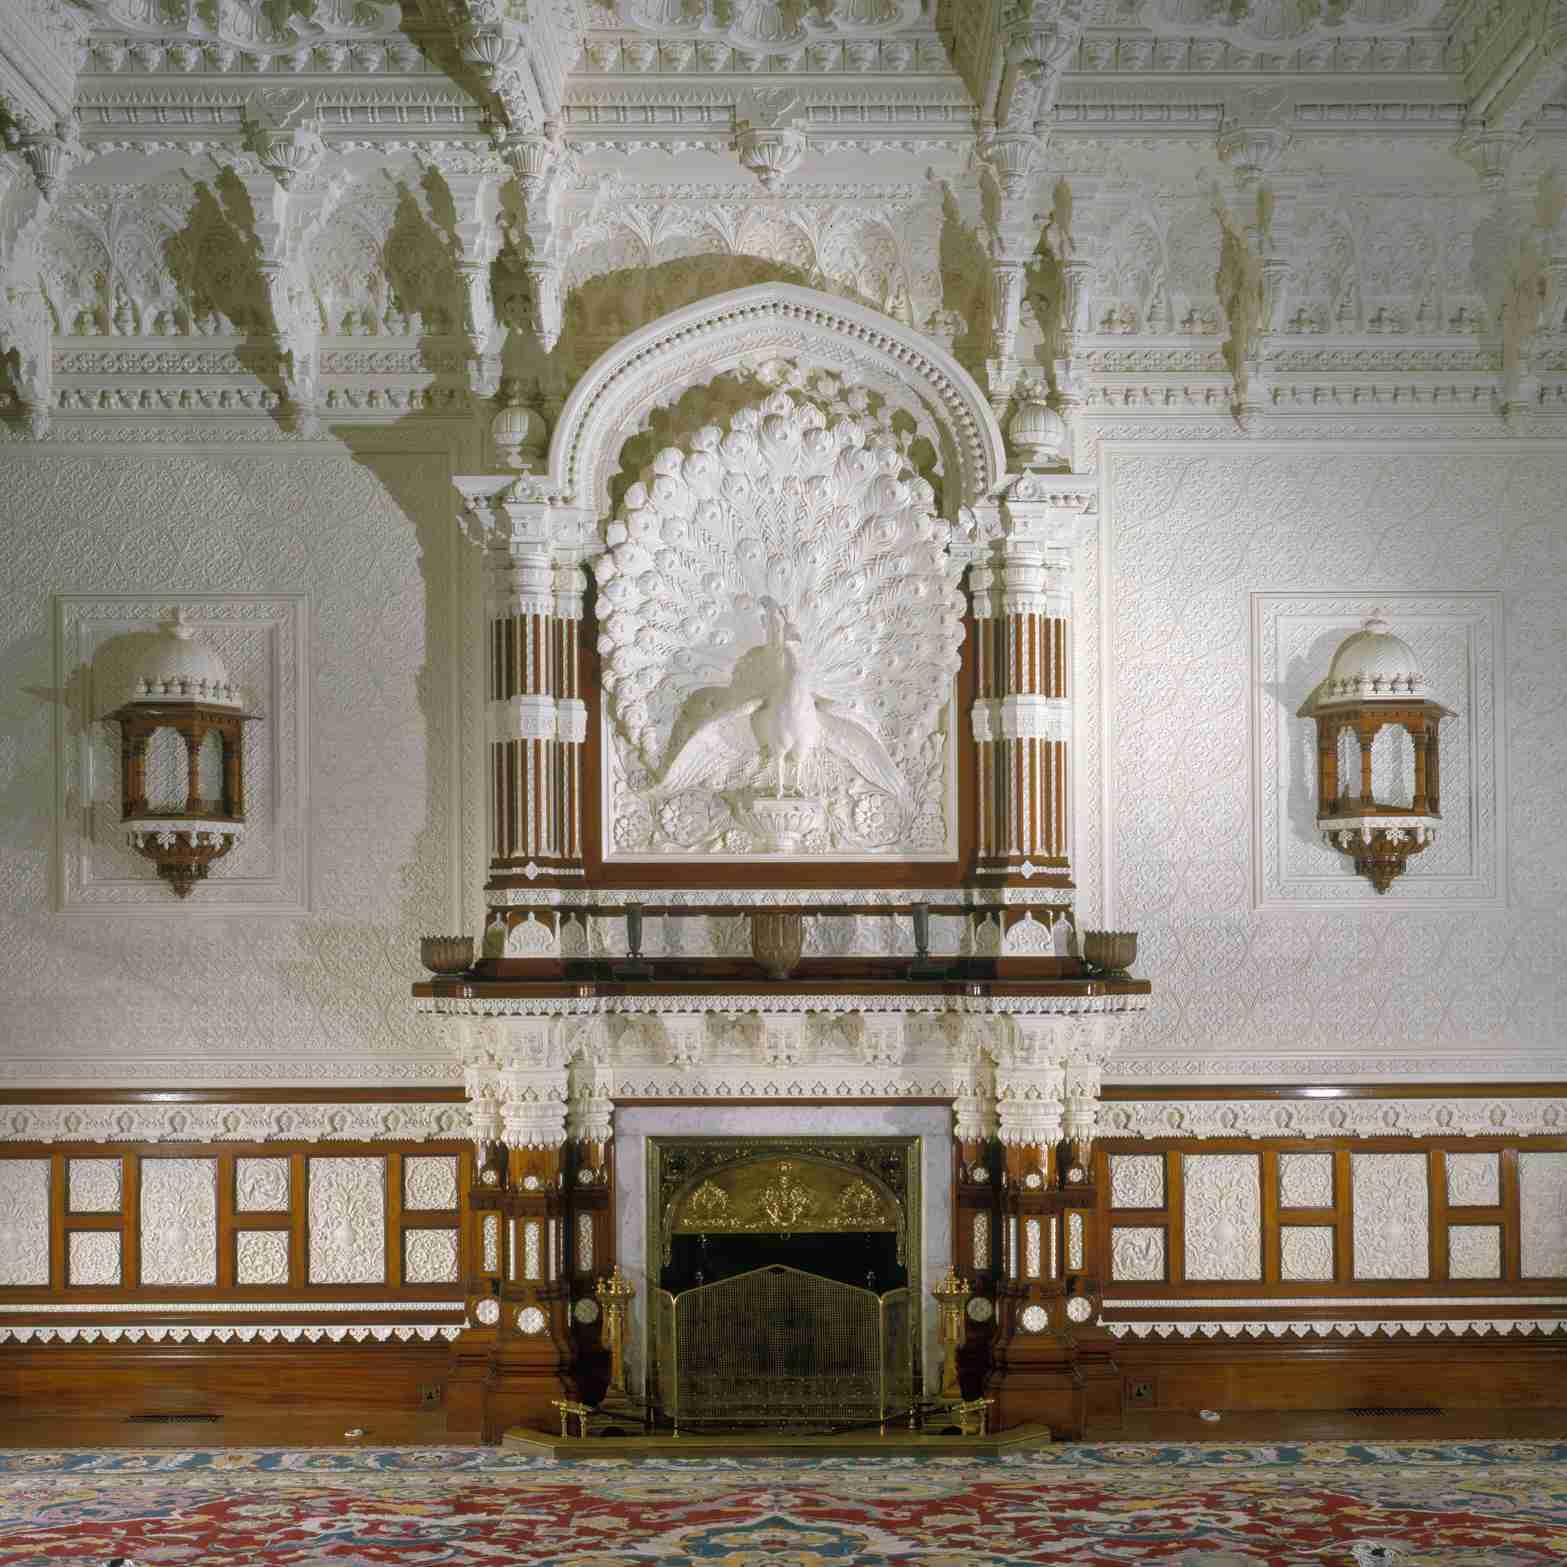 Durbar Room at Osborne House